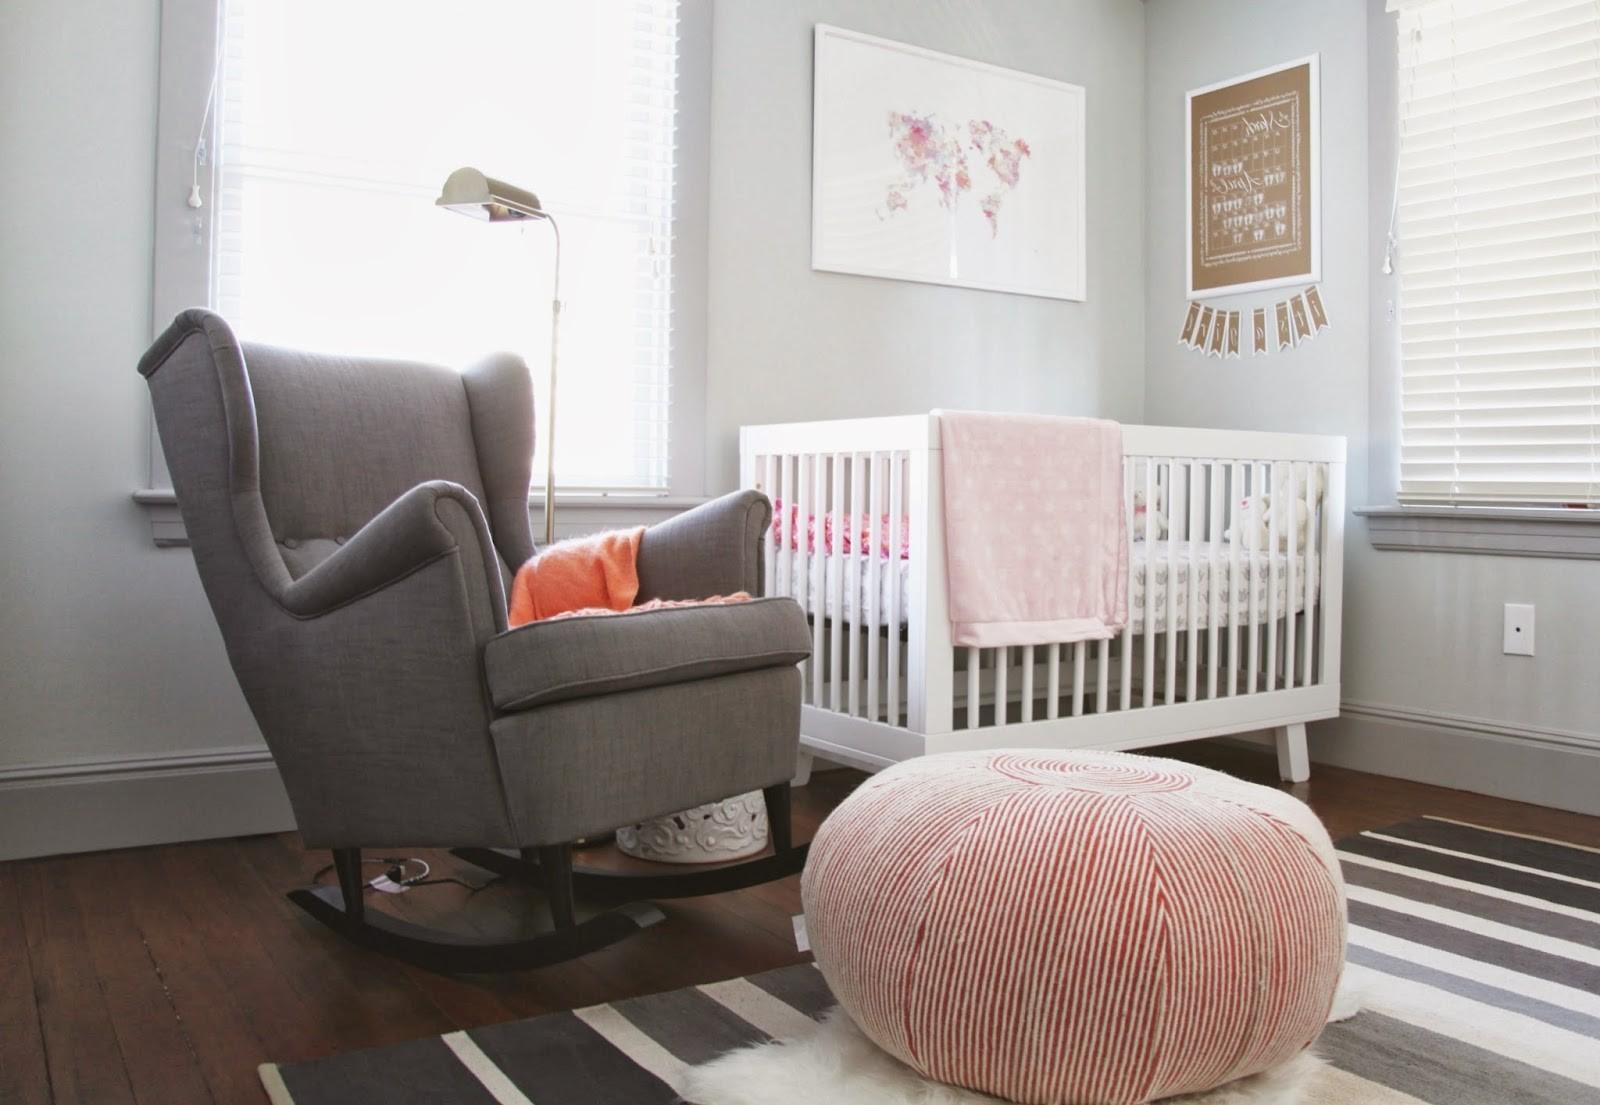 Ikea Chambre Idee : Fauteuil pour chambre bébé ikea idées de